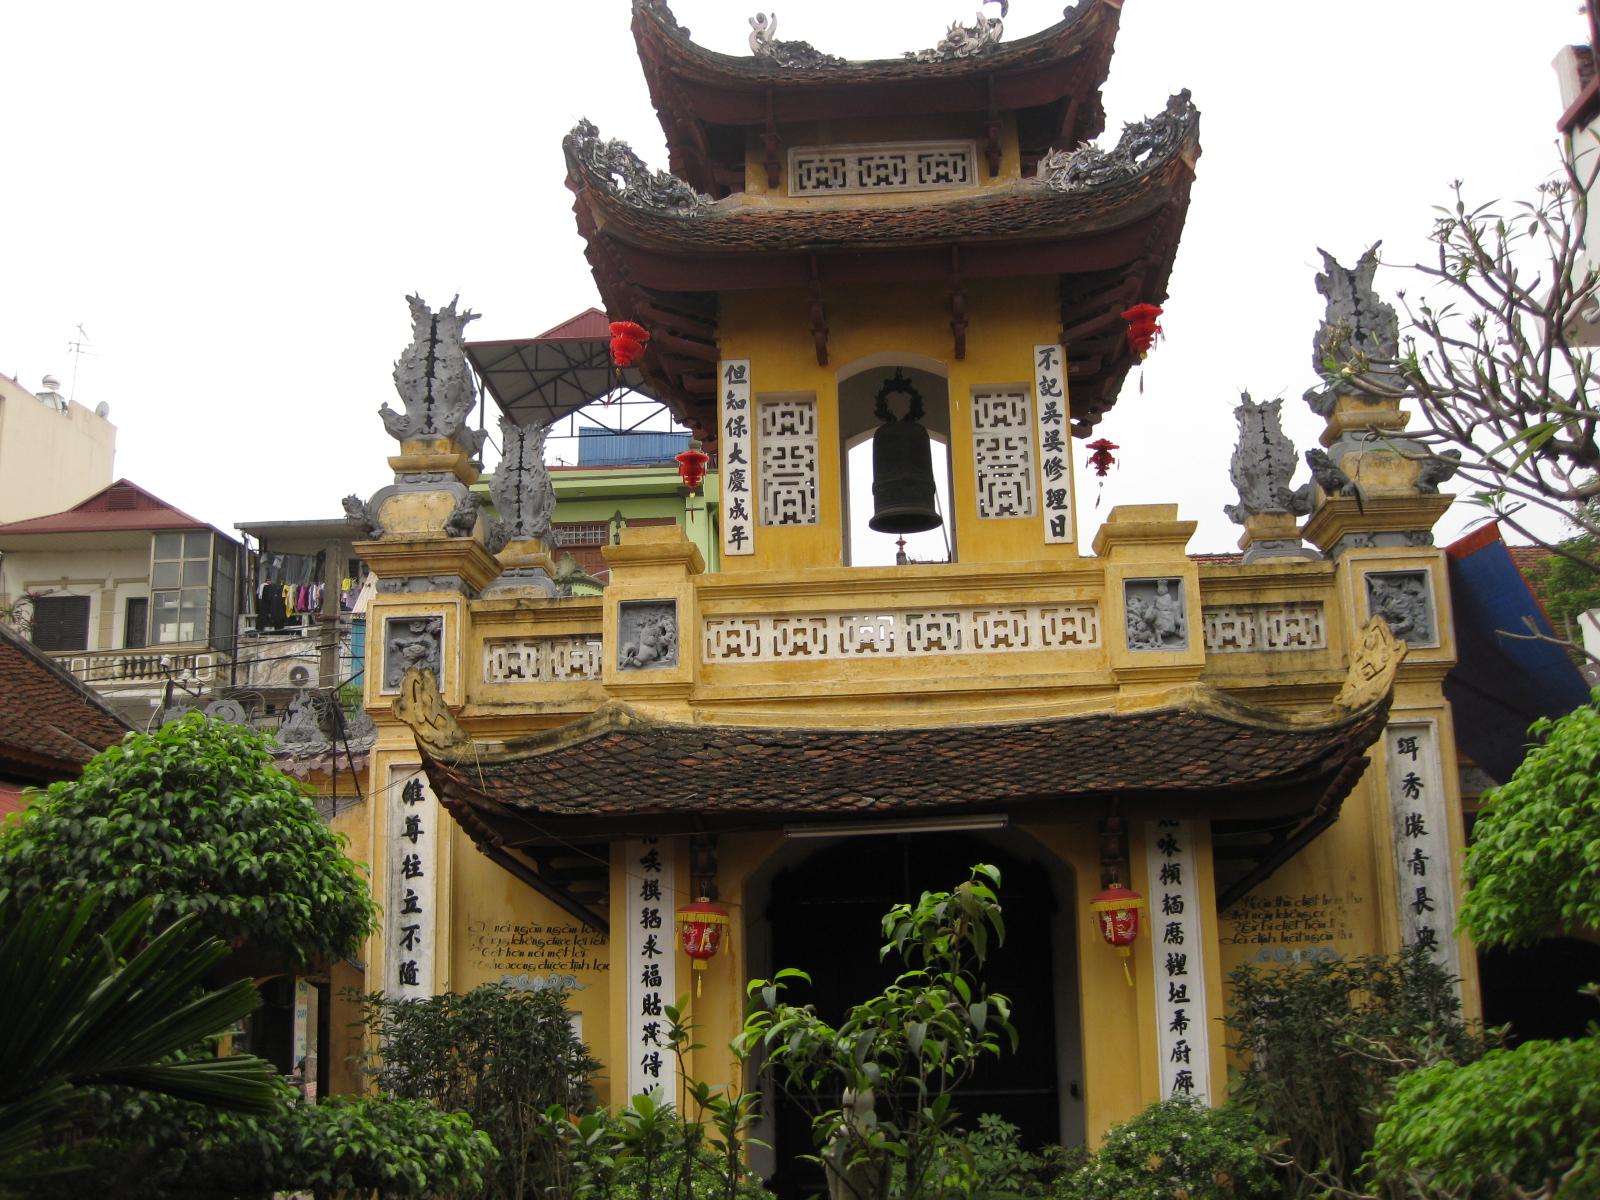 Chùa Bà Ngô (Ngọc Hồ Tự – Đống Đa, Hà Nội)